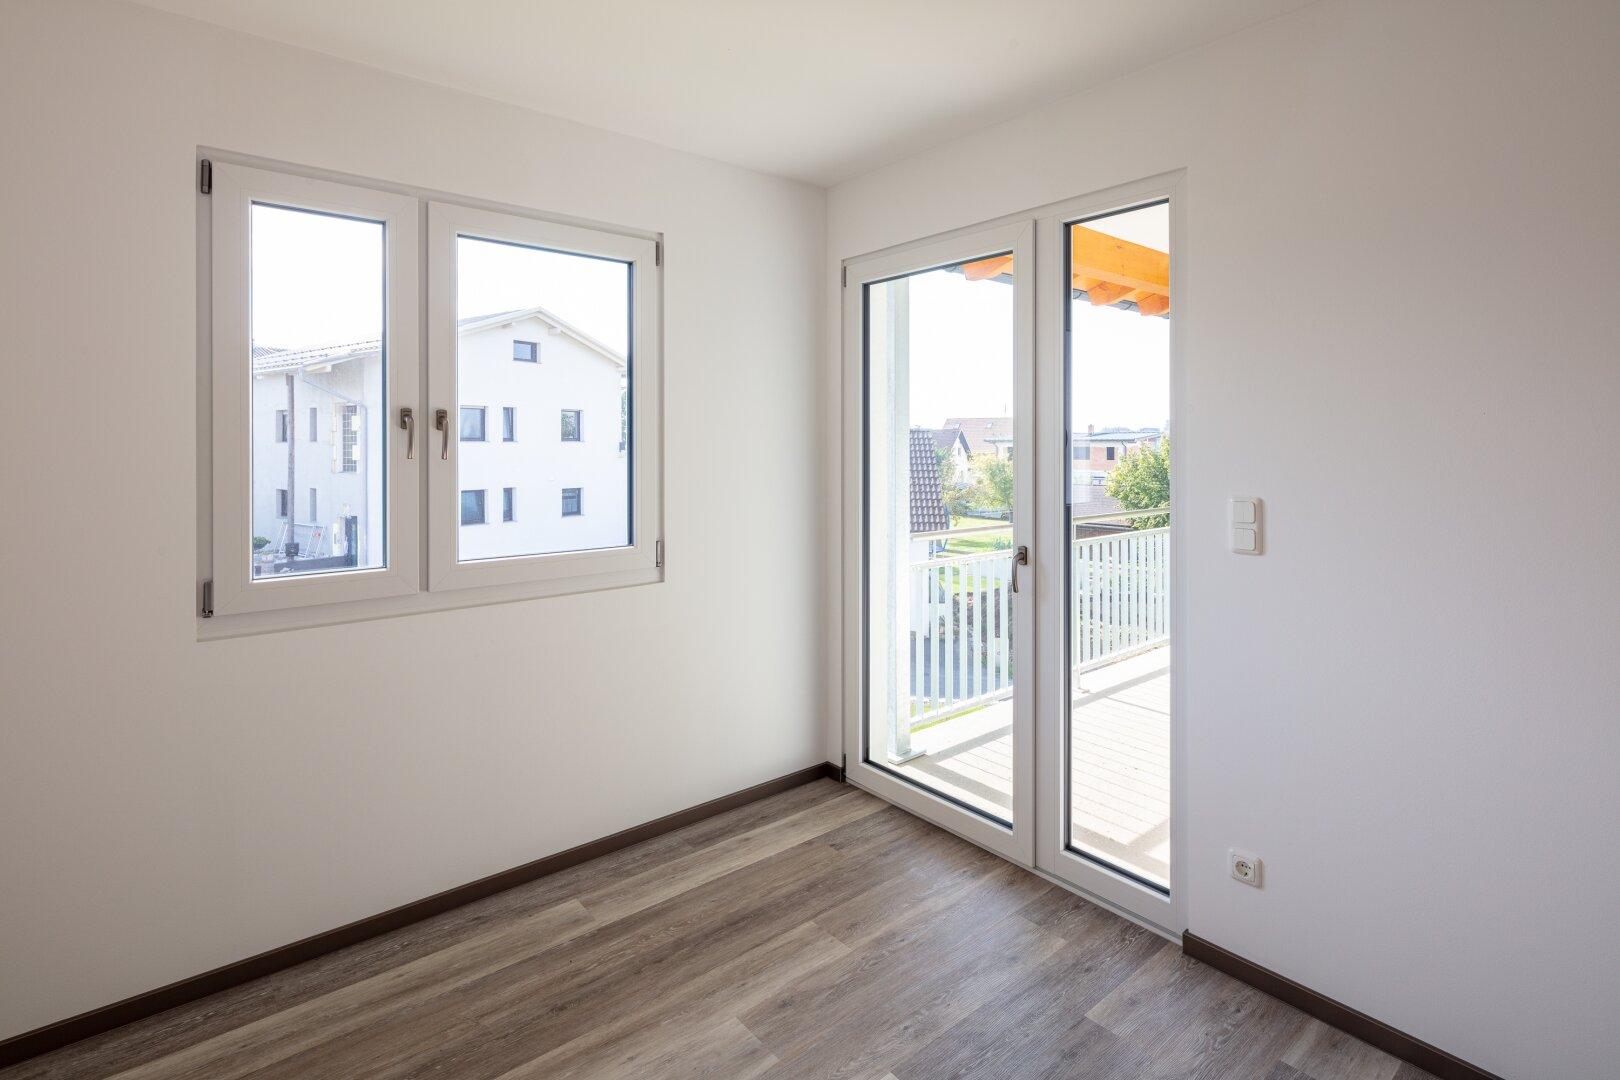 Ausblick v. Wohn-Essbereich einer 46 m² Wohnung im OG